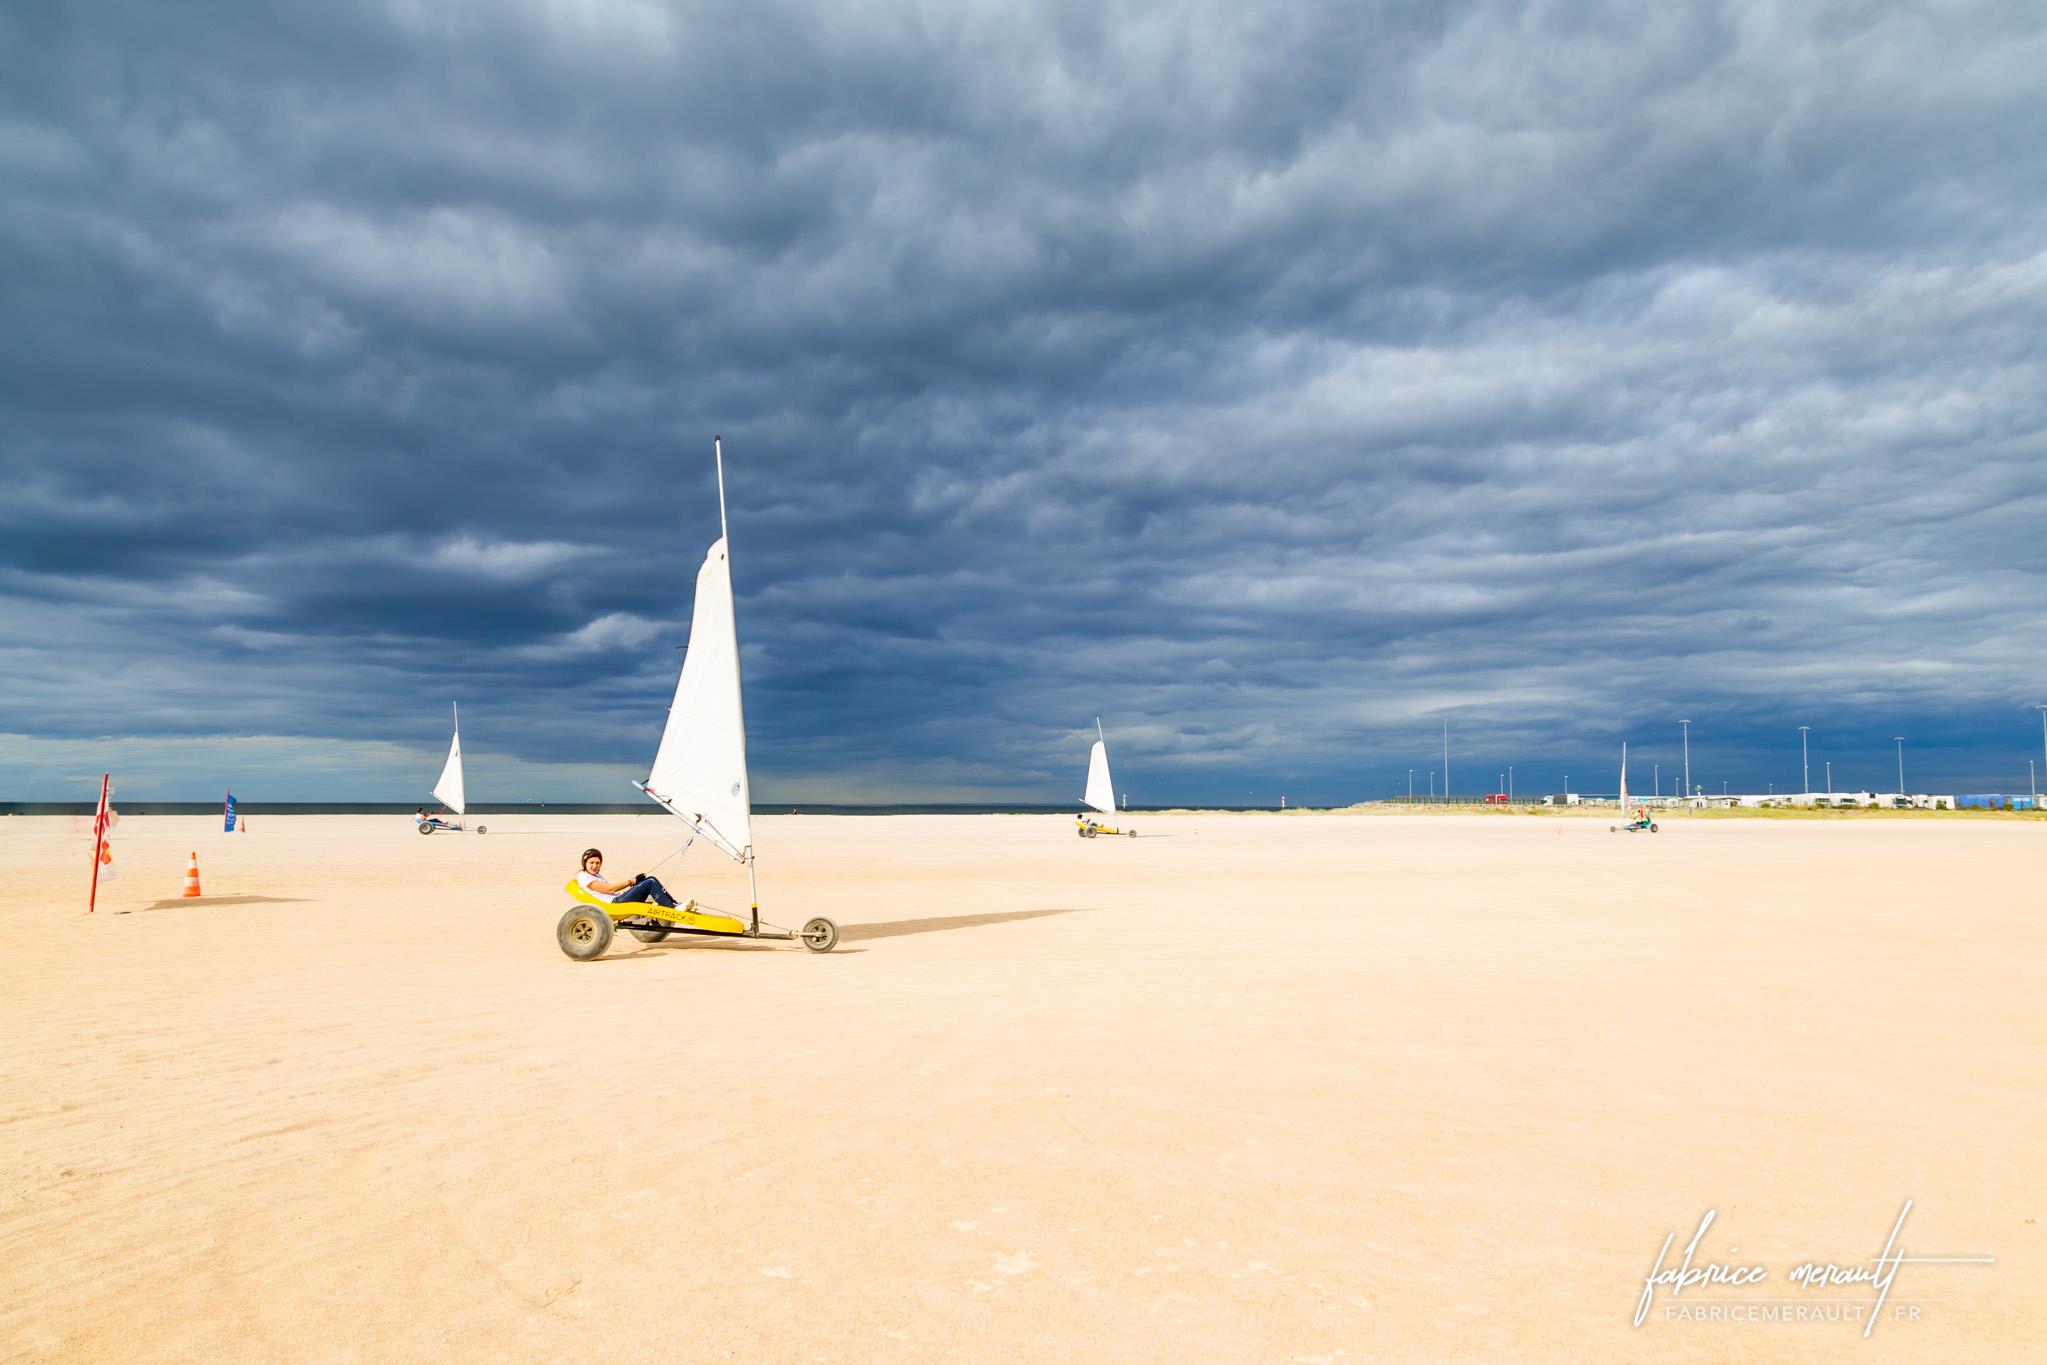 EVJF et char à voile sur la plage de Ouistreham en Normandie